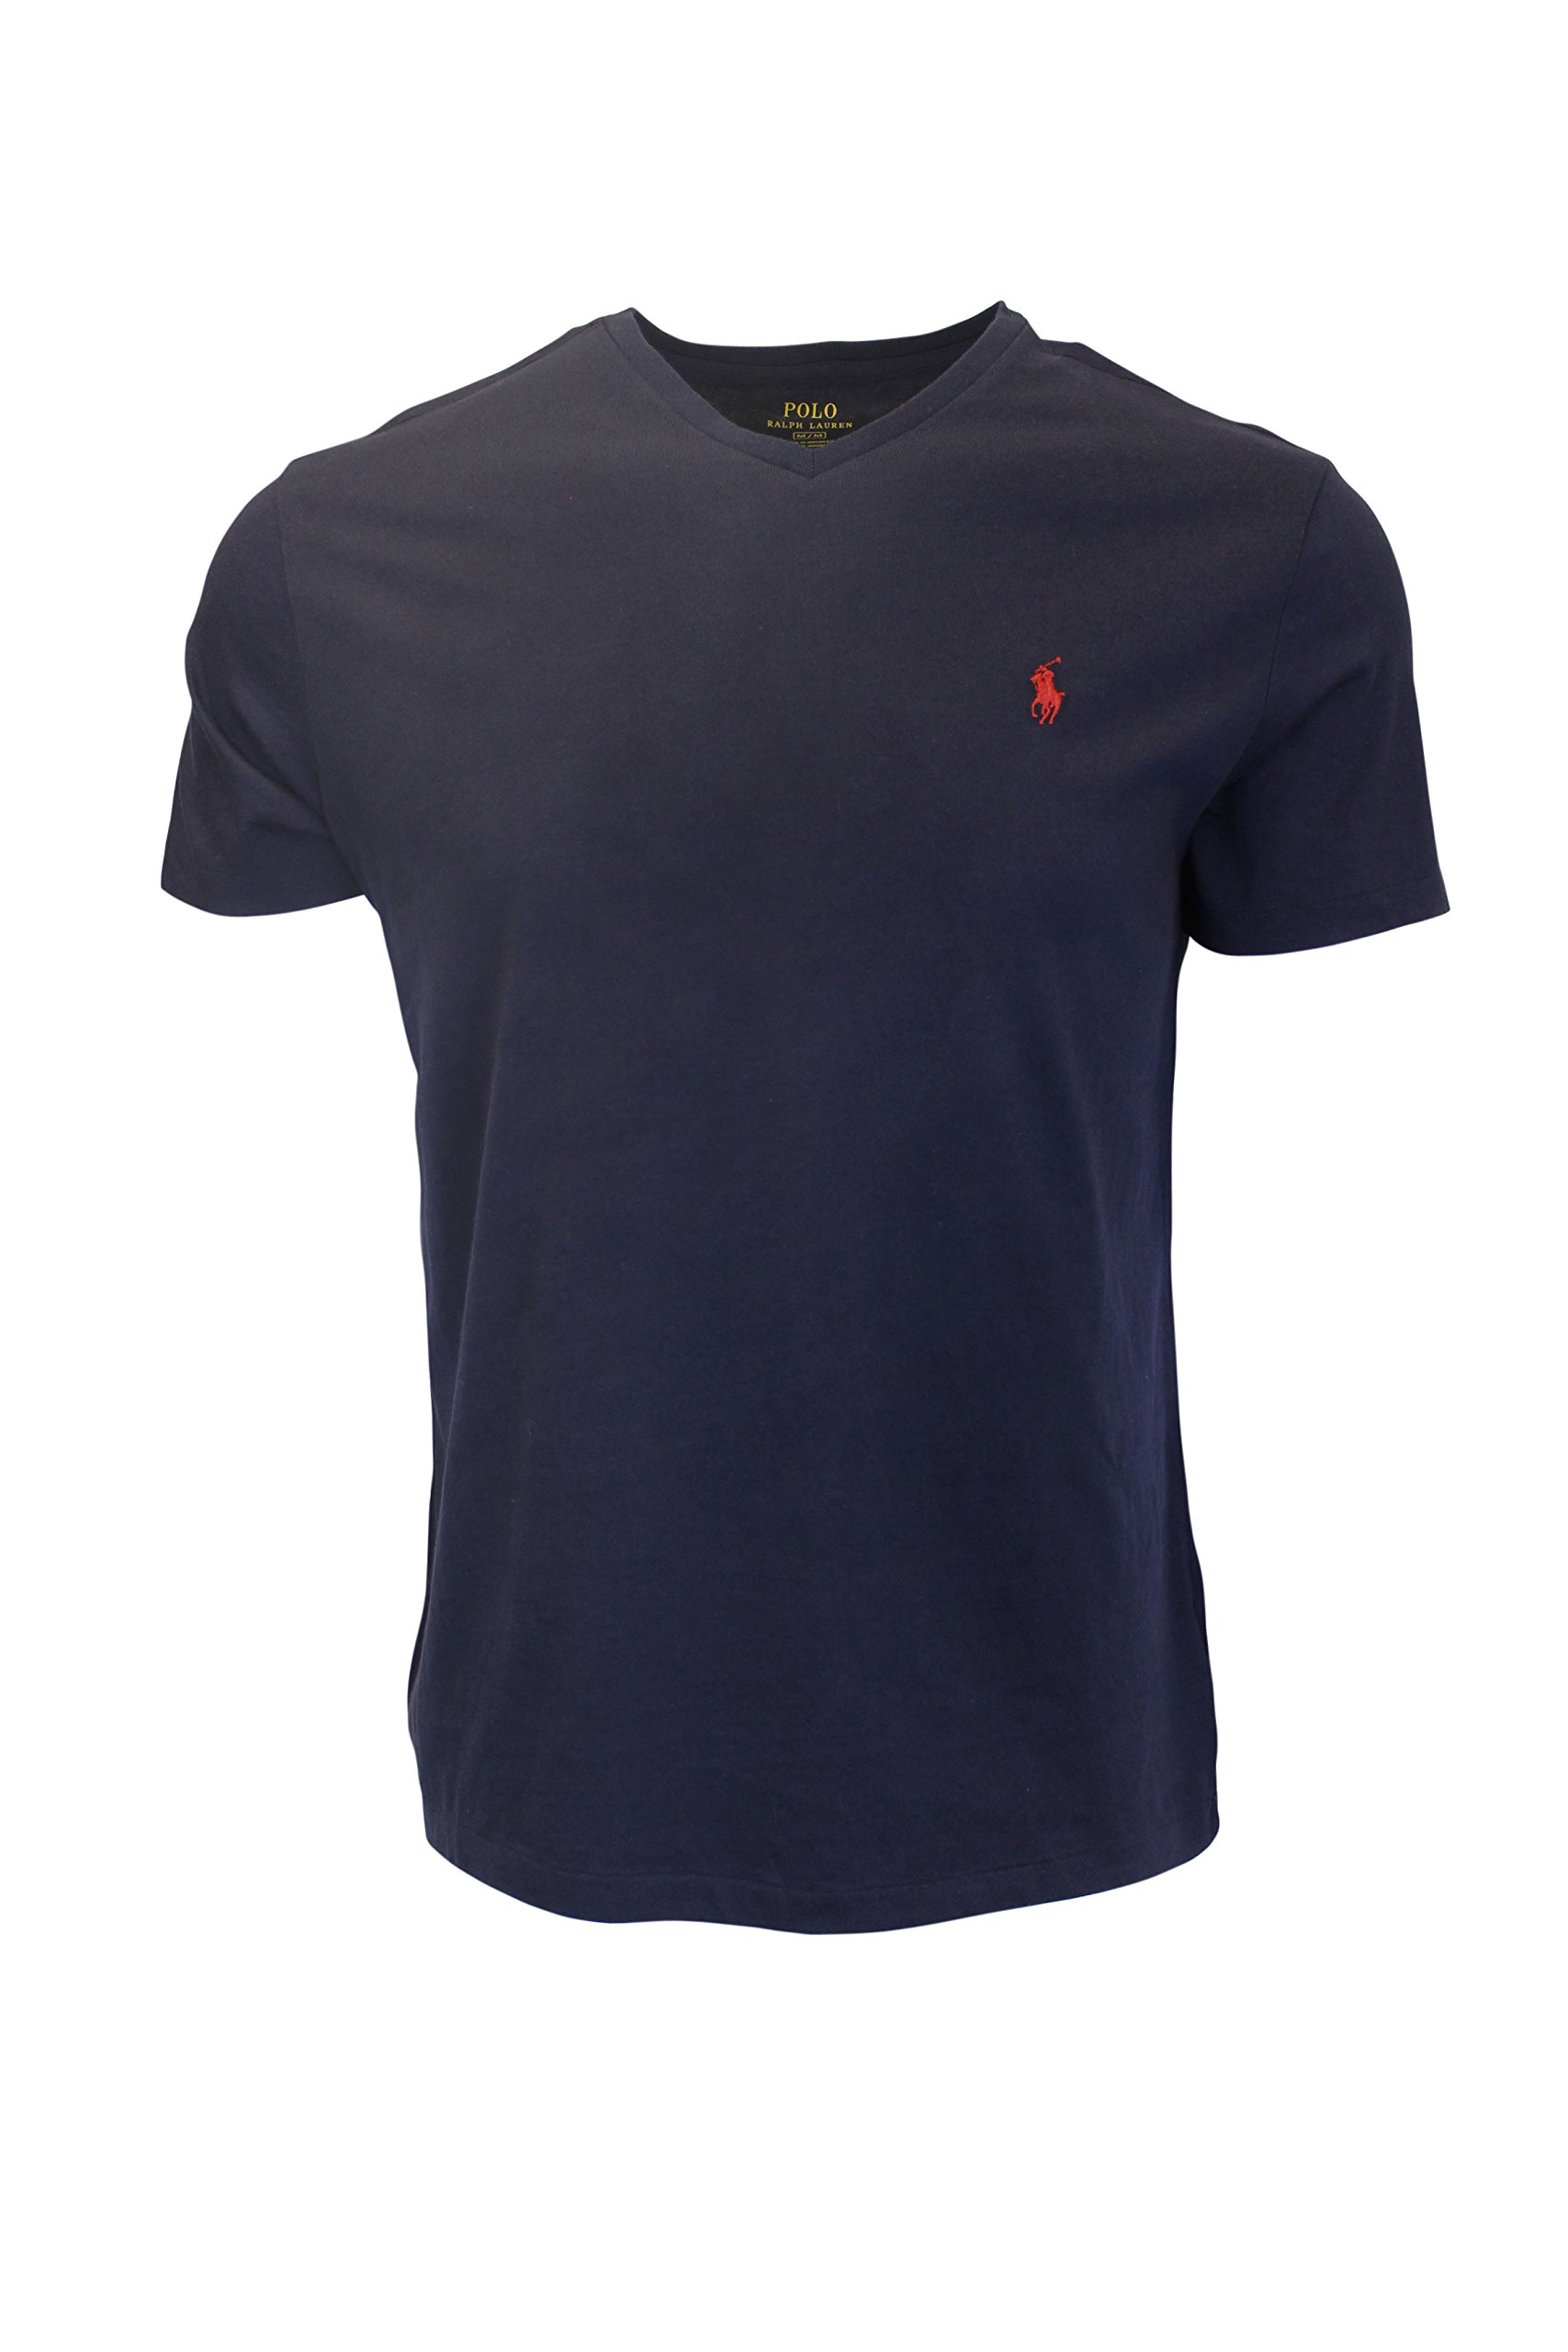 Polo Ralph Lauren Mens T-shirt V-neck 2016 model (XX-Large, Ink)